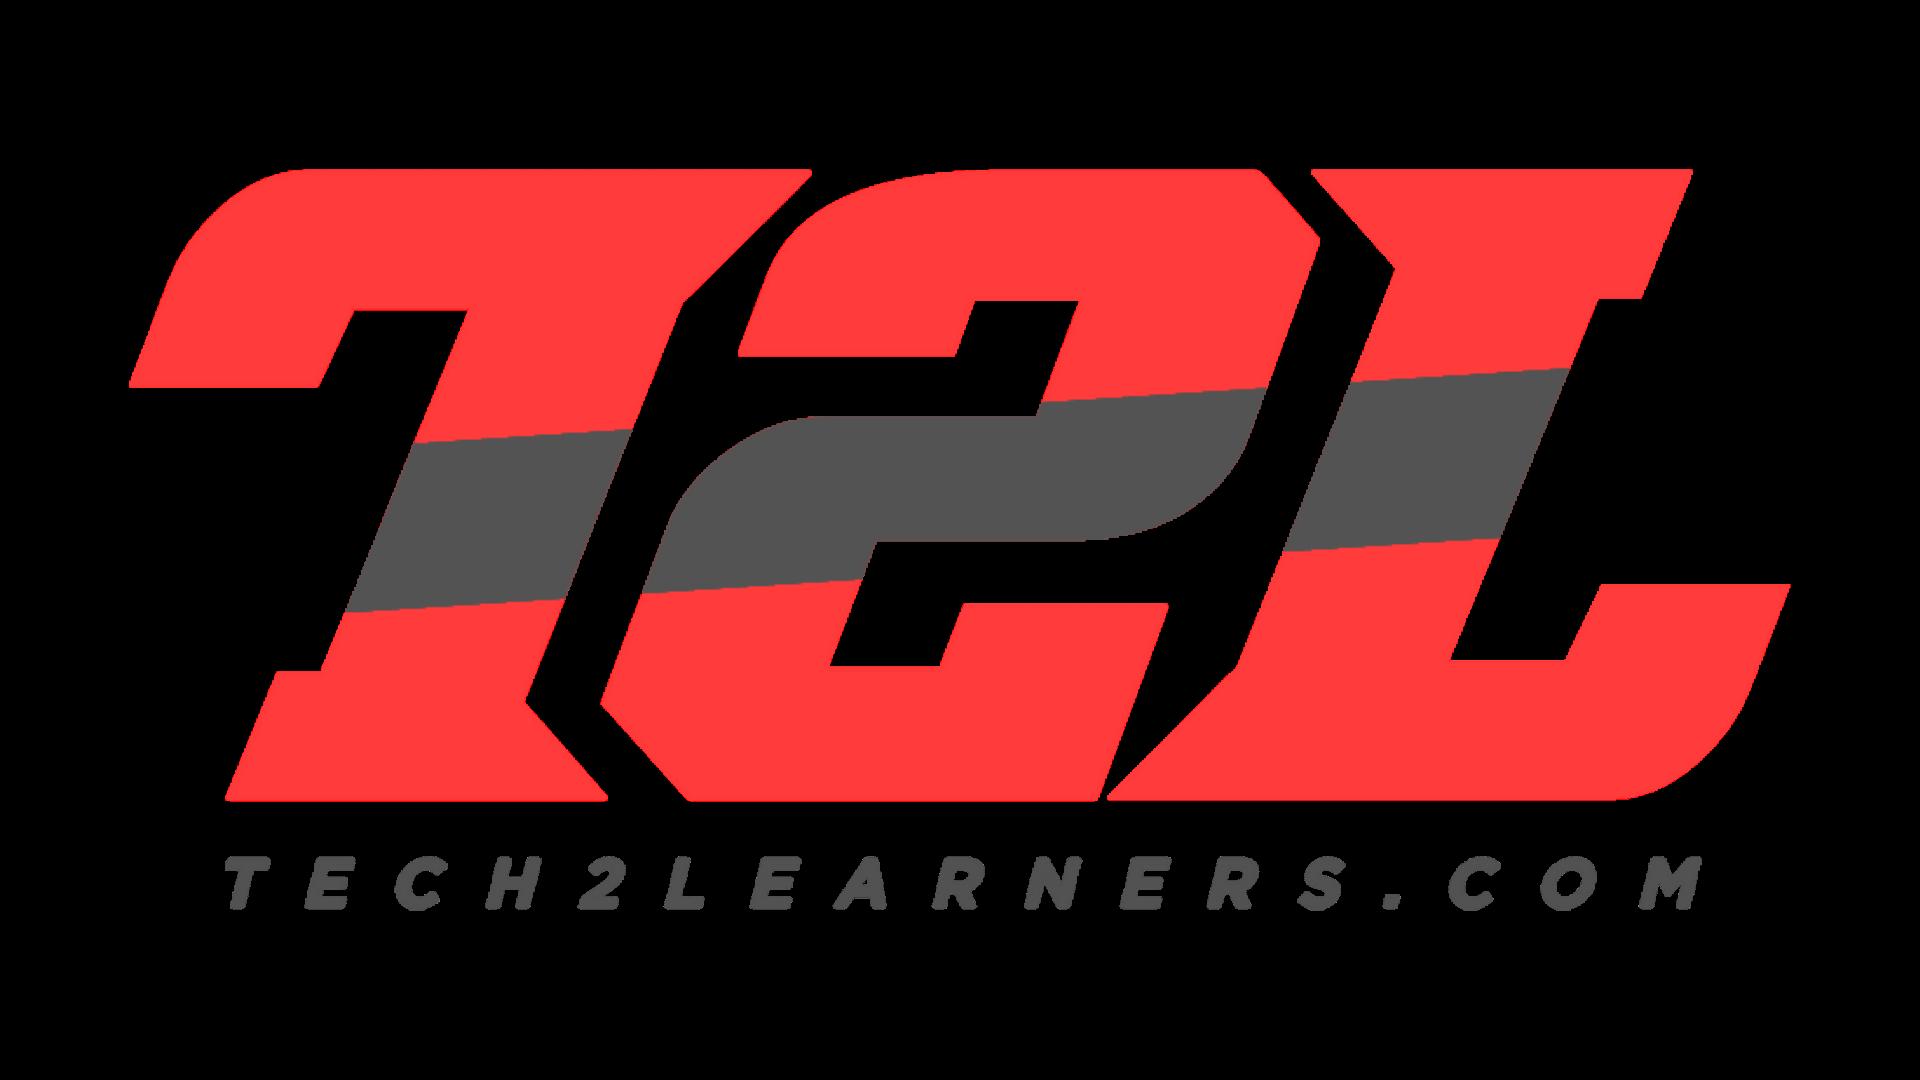 Tech 2 Learners